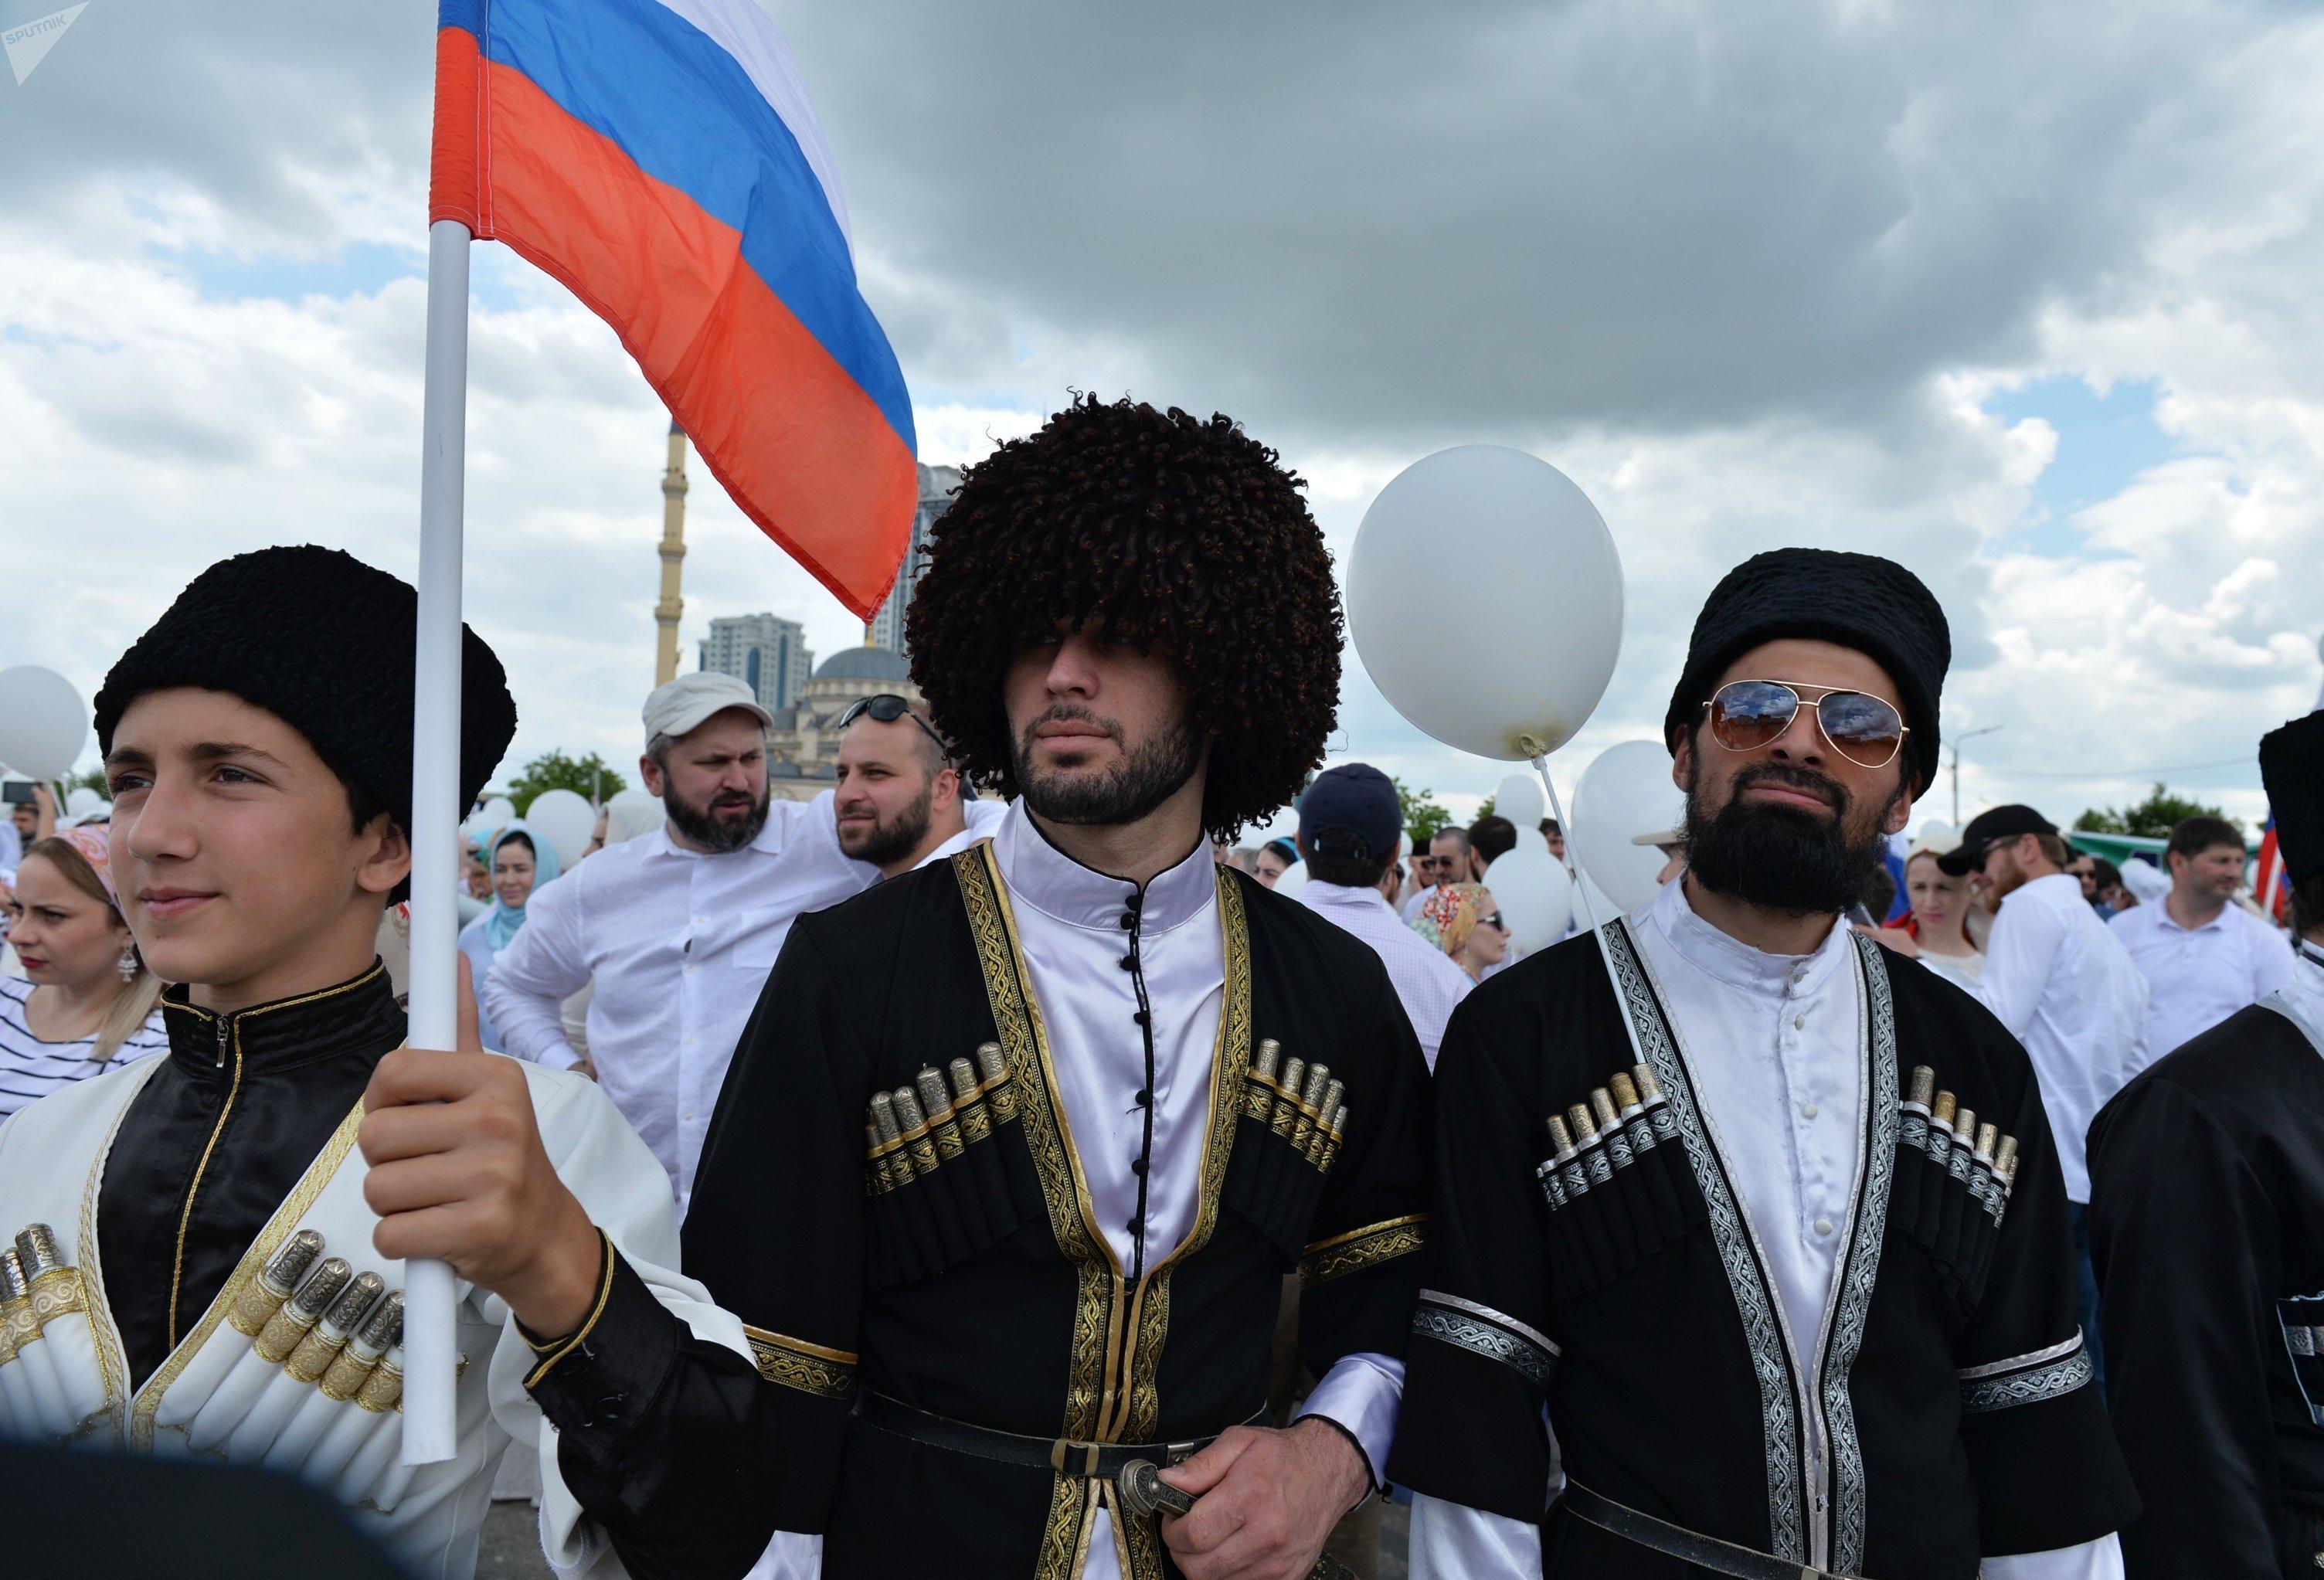 La fête nationale à Grozniy